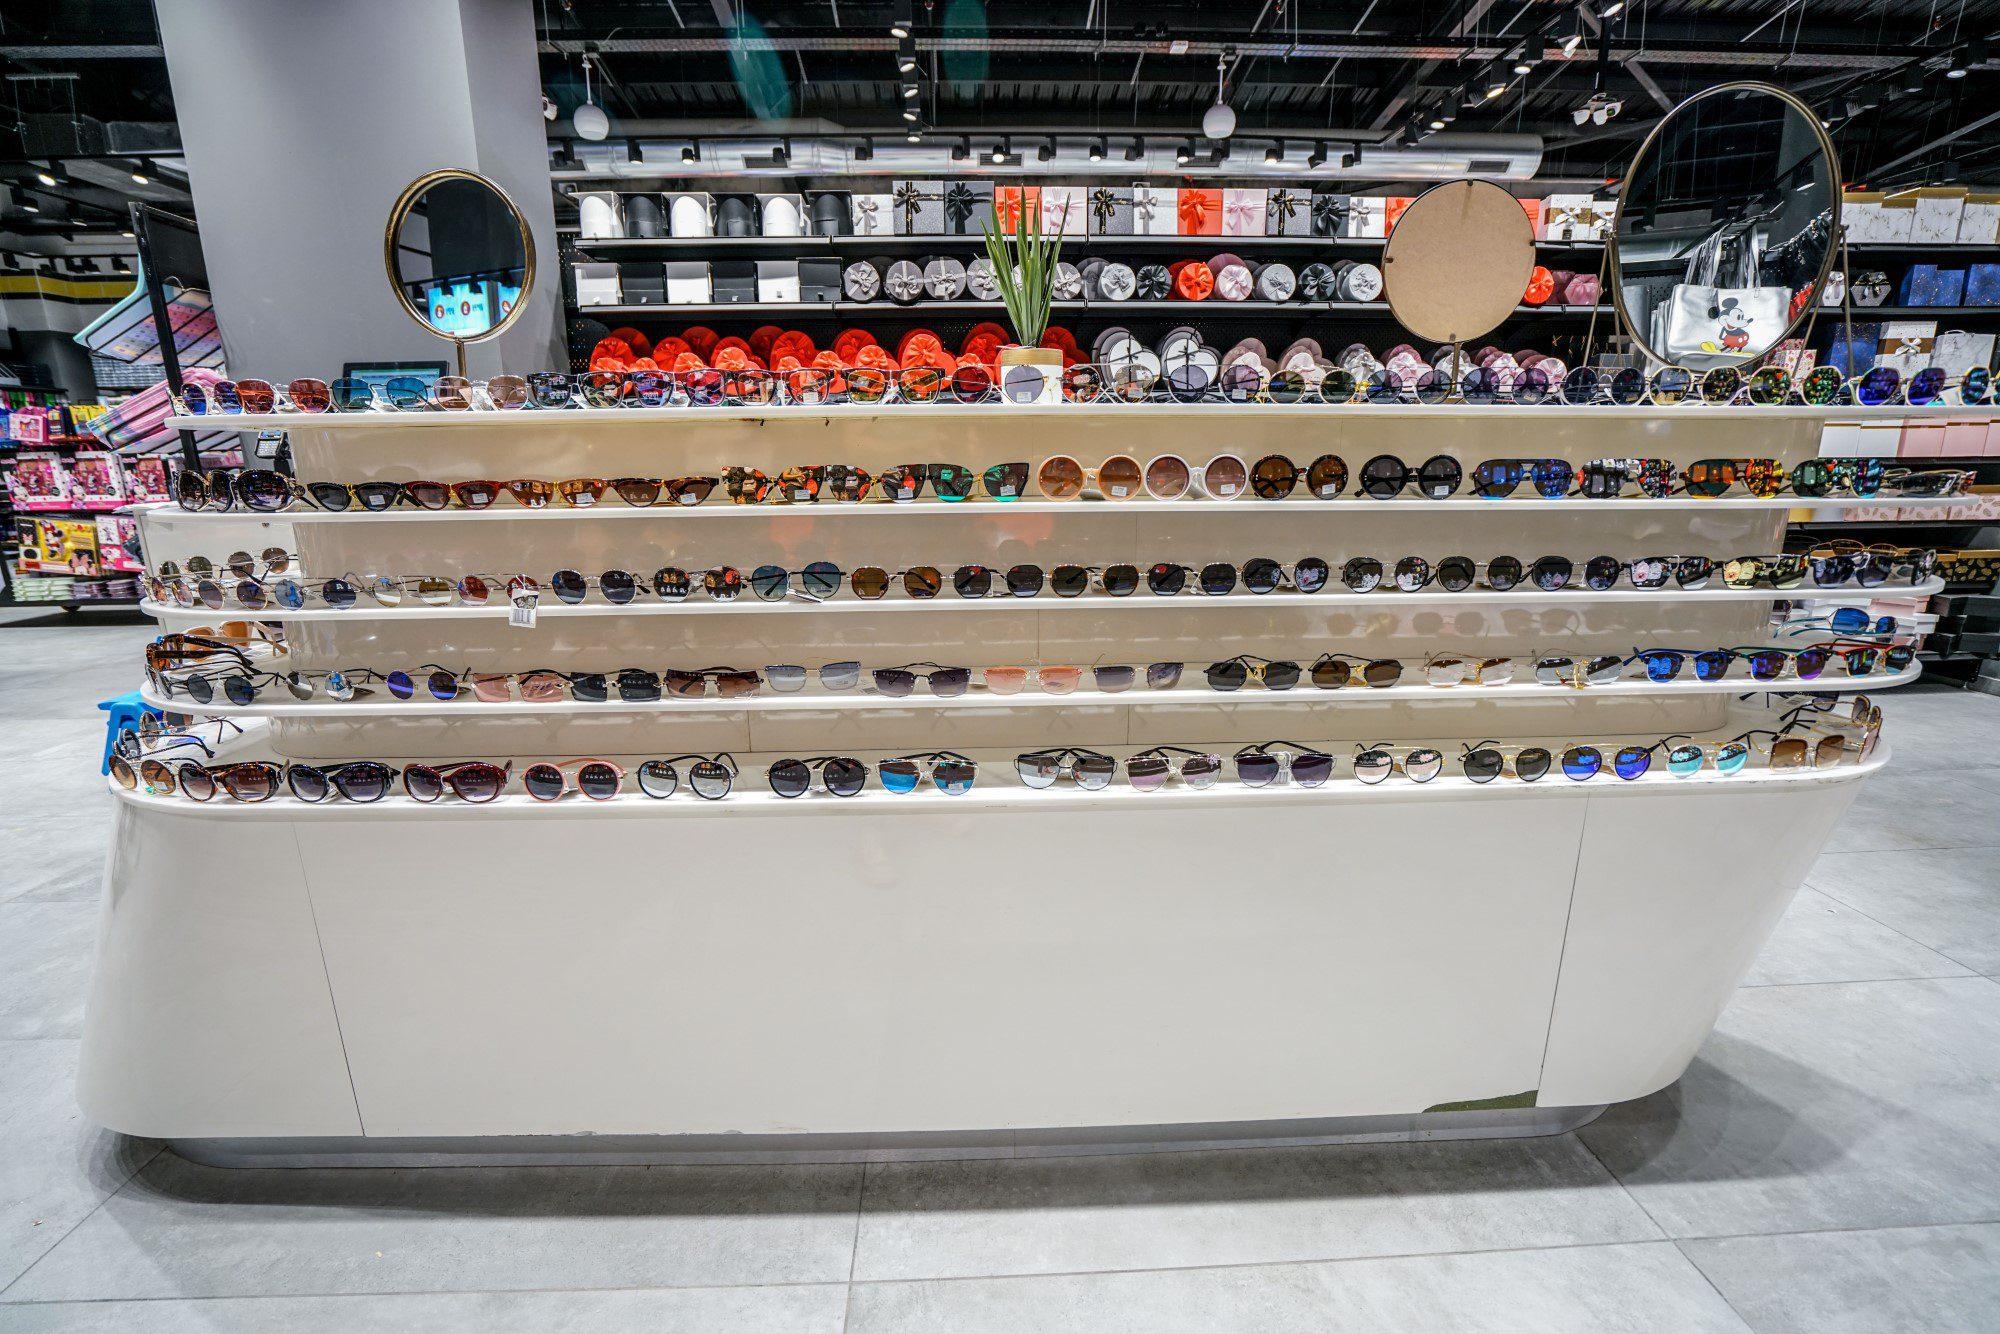 מחלקת משקפי שמש בסניף מקס סטוק בראשון לציון